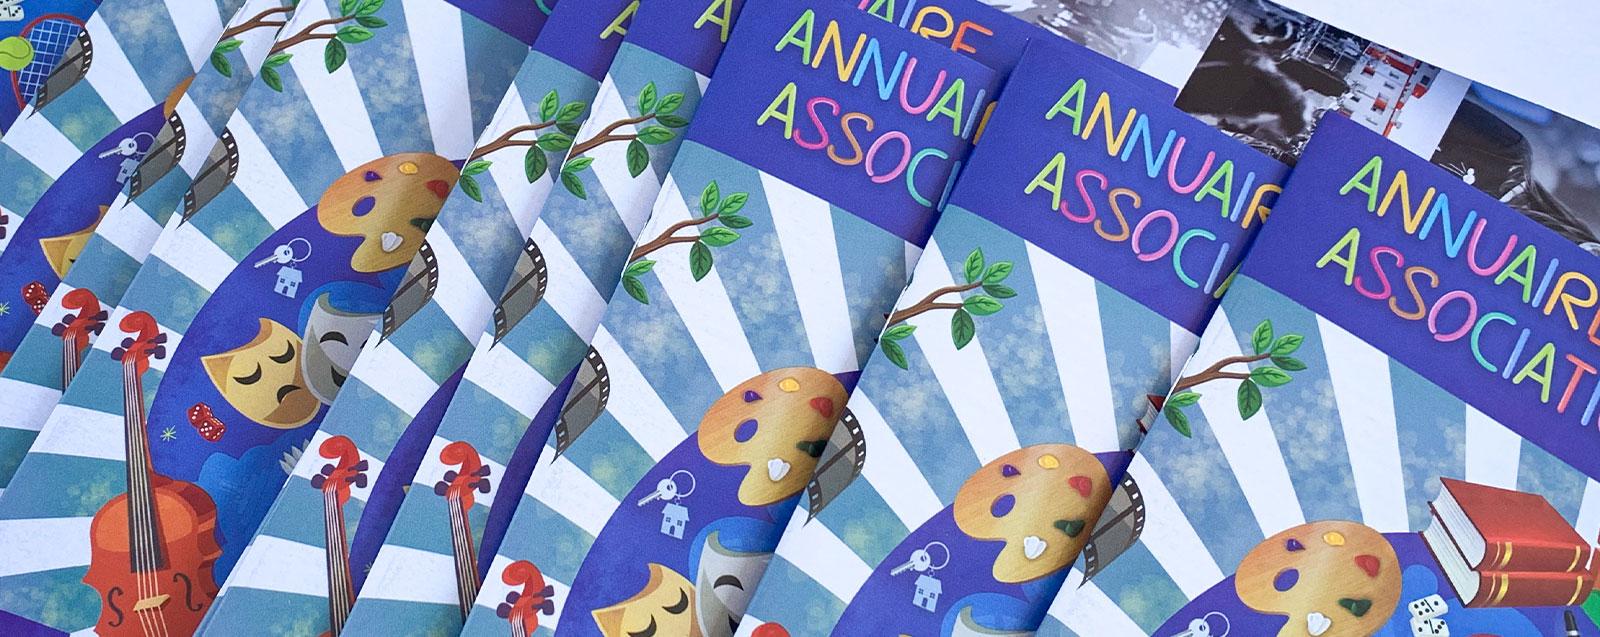 Annuaire des associations 2020 - © Mairie de Villefontaine